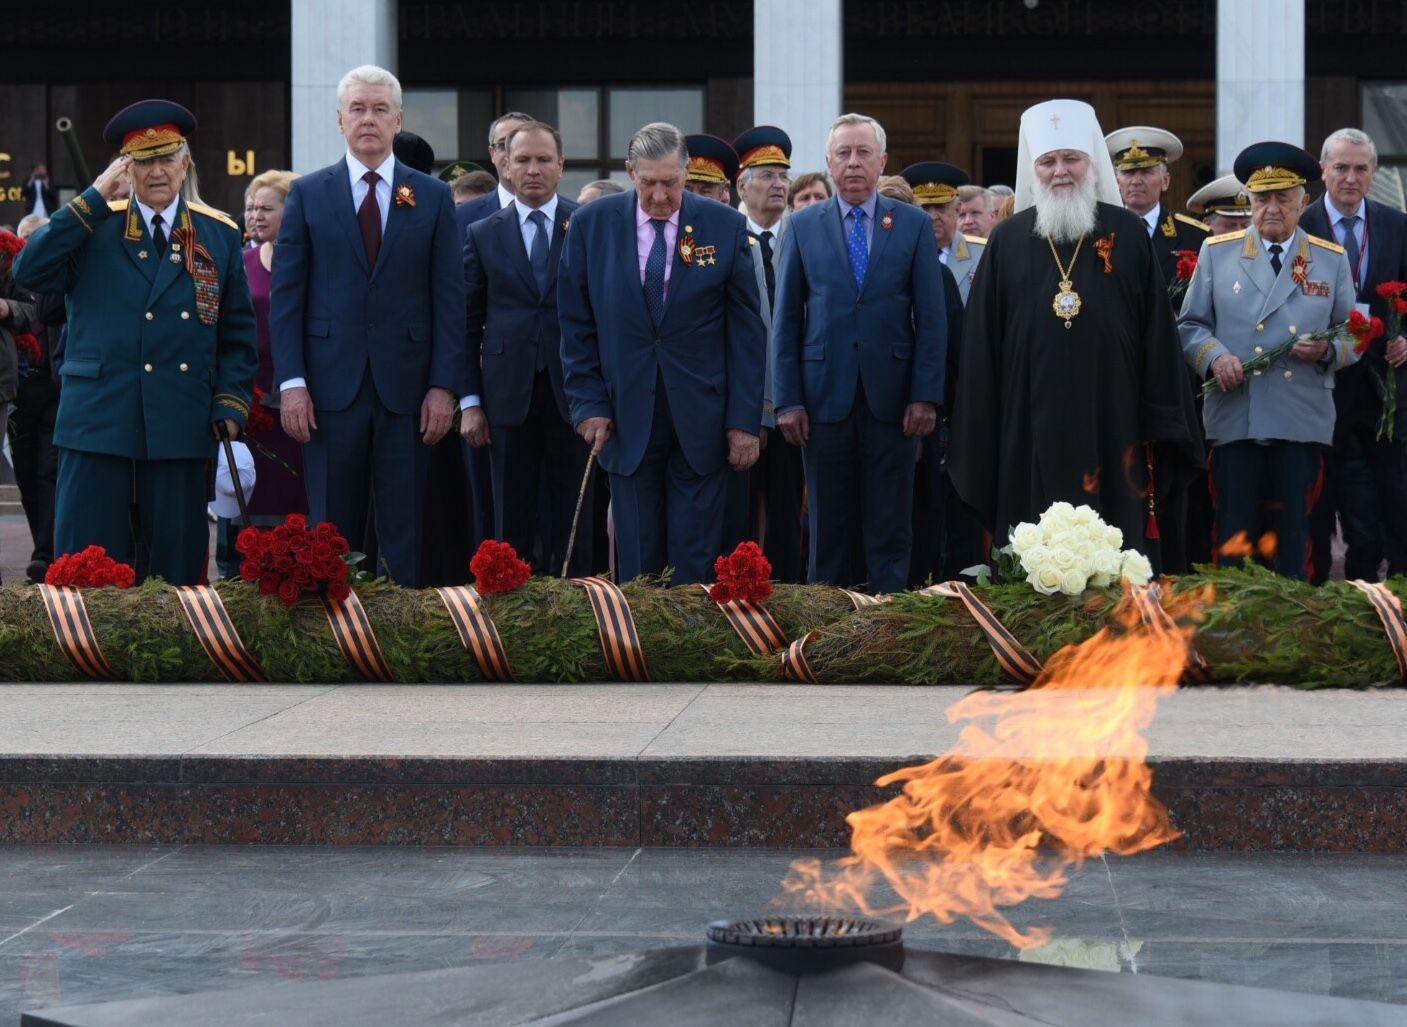 Сергей Собянин почтил память погибших при авиакатастрофе в Москве